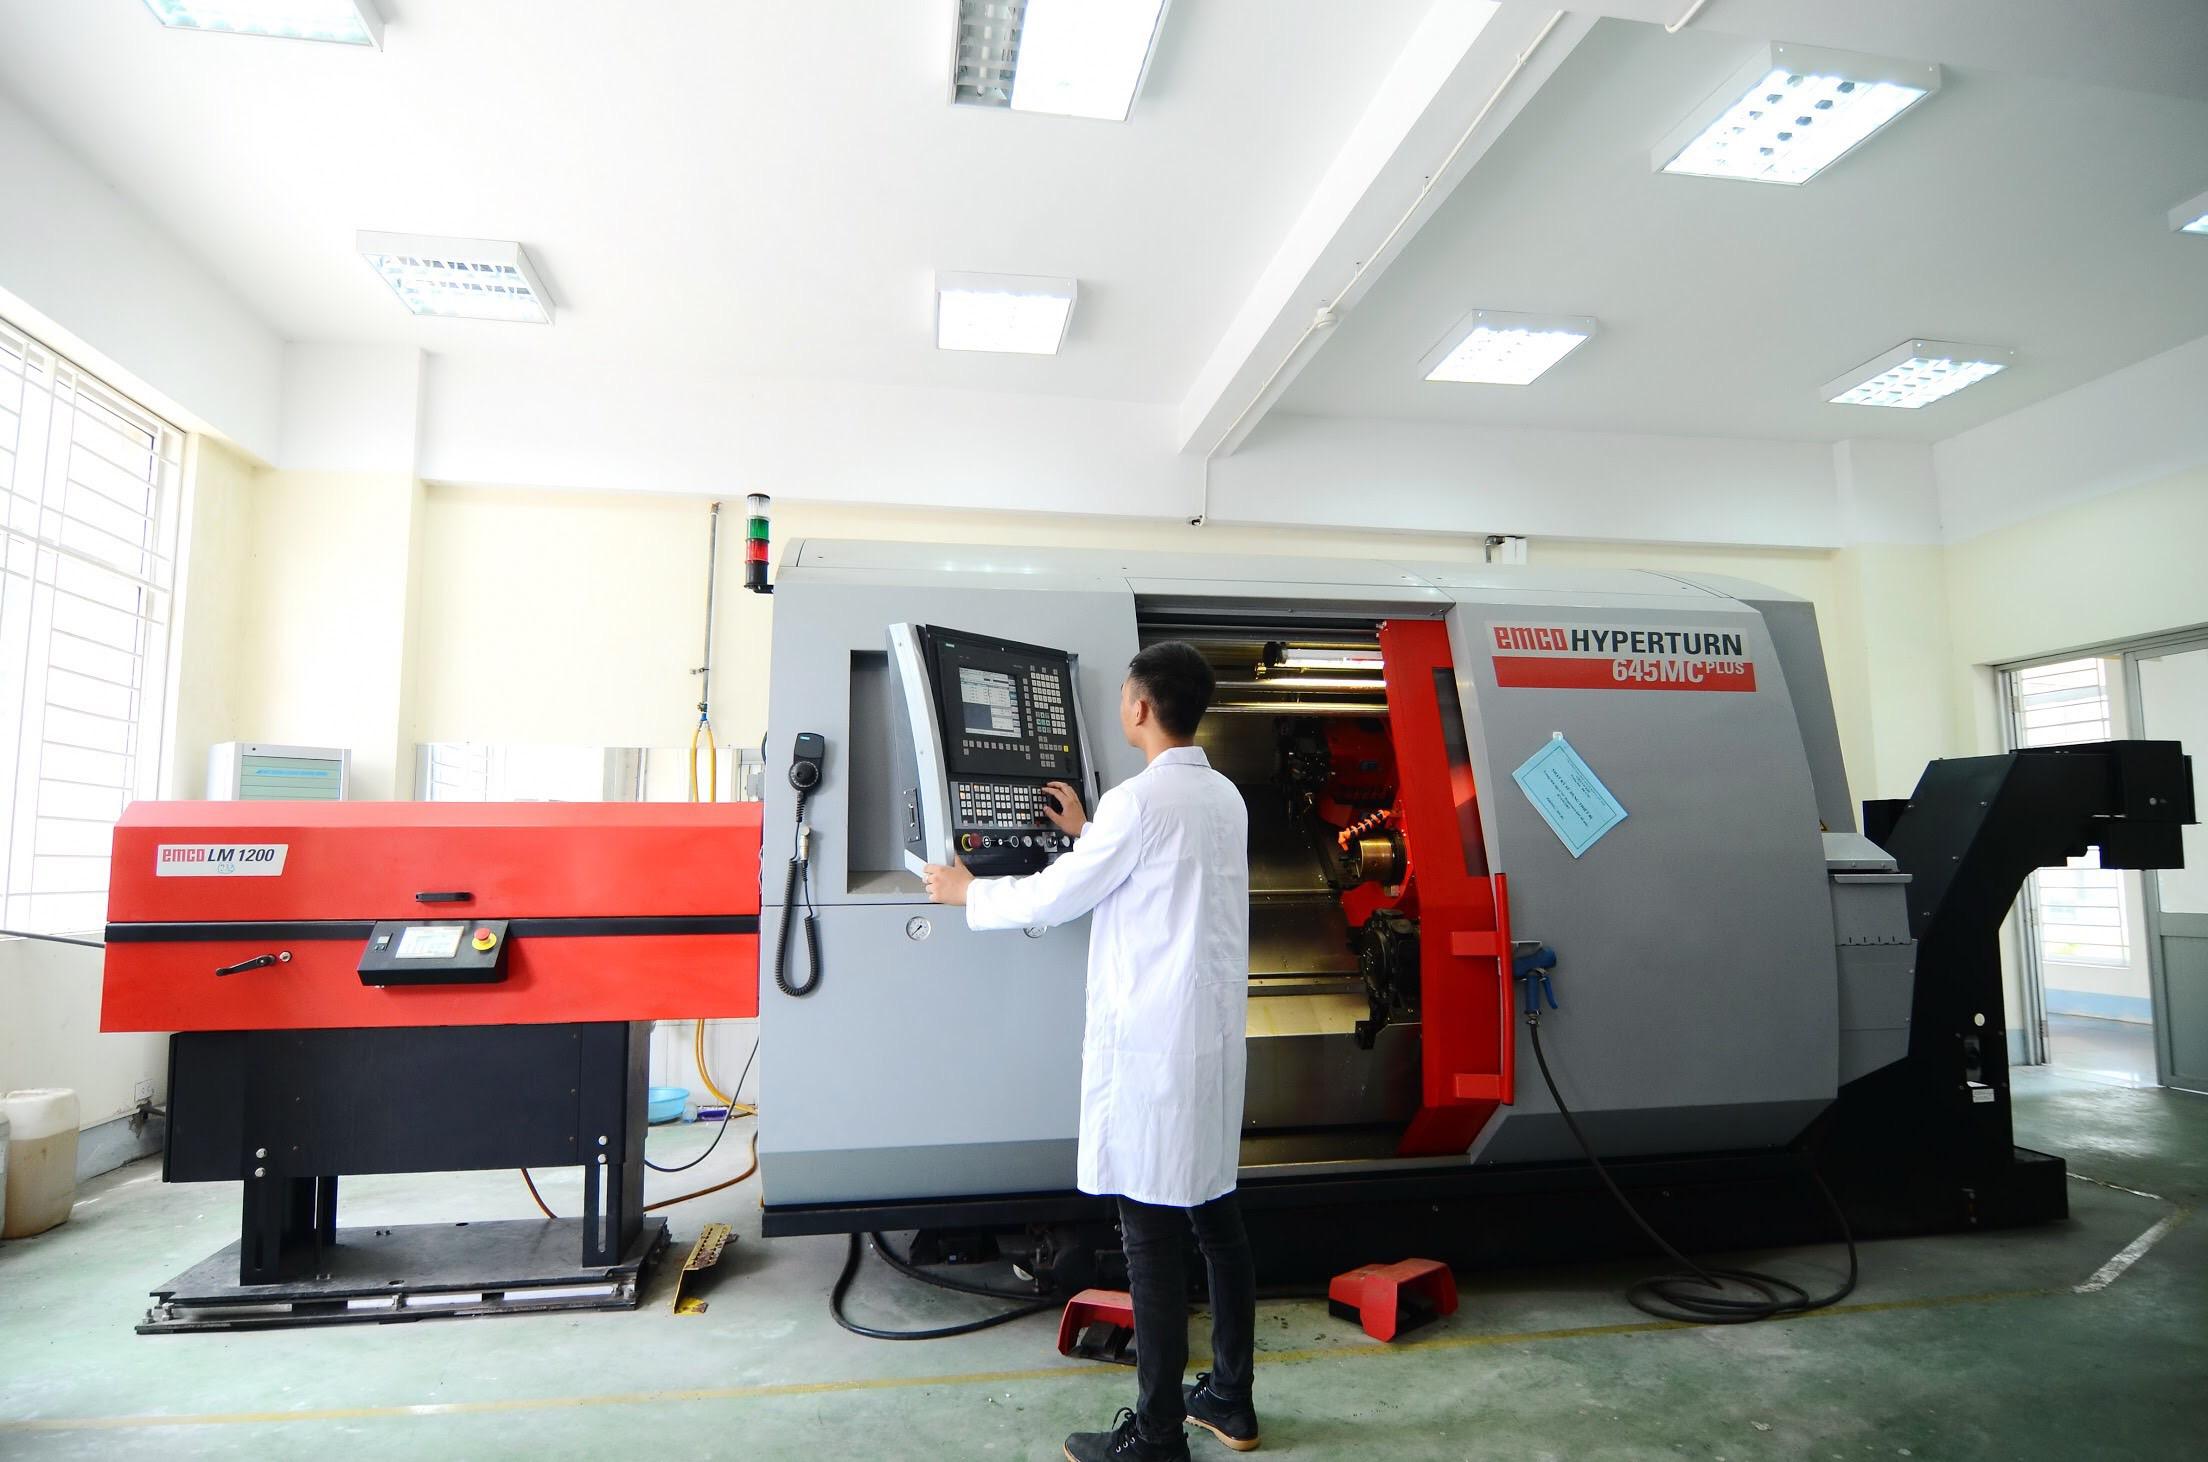 Cử nhân kỹ thuật là người tốt nghiệp trình độ đại học, được đào tạo theo ngành rộng với kiến thức và kỹ năng cơ bản để có thể tham gia thiết kế và vận hành các hệ thống, quy trình và sản phẩm. Trong khi đó, kỹ sư được đào tạo thêm kiến thức chuyên sâu theo chuyên ngành hẹp hoặc theo lĩnh vực ứng dụng, cùng với những kỹ năng nghề nghiệp để có khả năng thiết kế, chế tạo và cải tiến các hệ thống, quy trình và sản phẩm. Trong ảnh: Sinh viên Viện Cơ khí làm thí nghiệm trên máy CNC